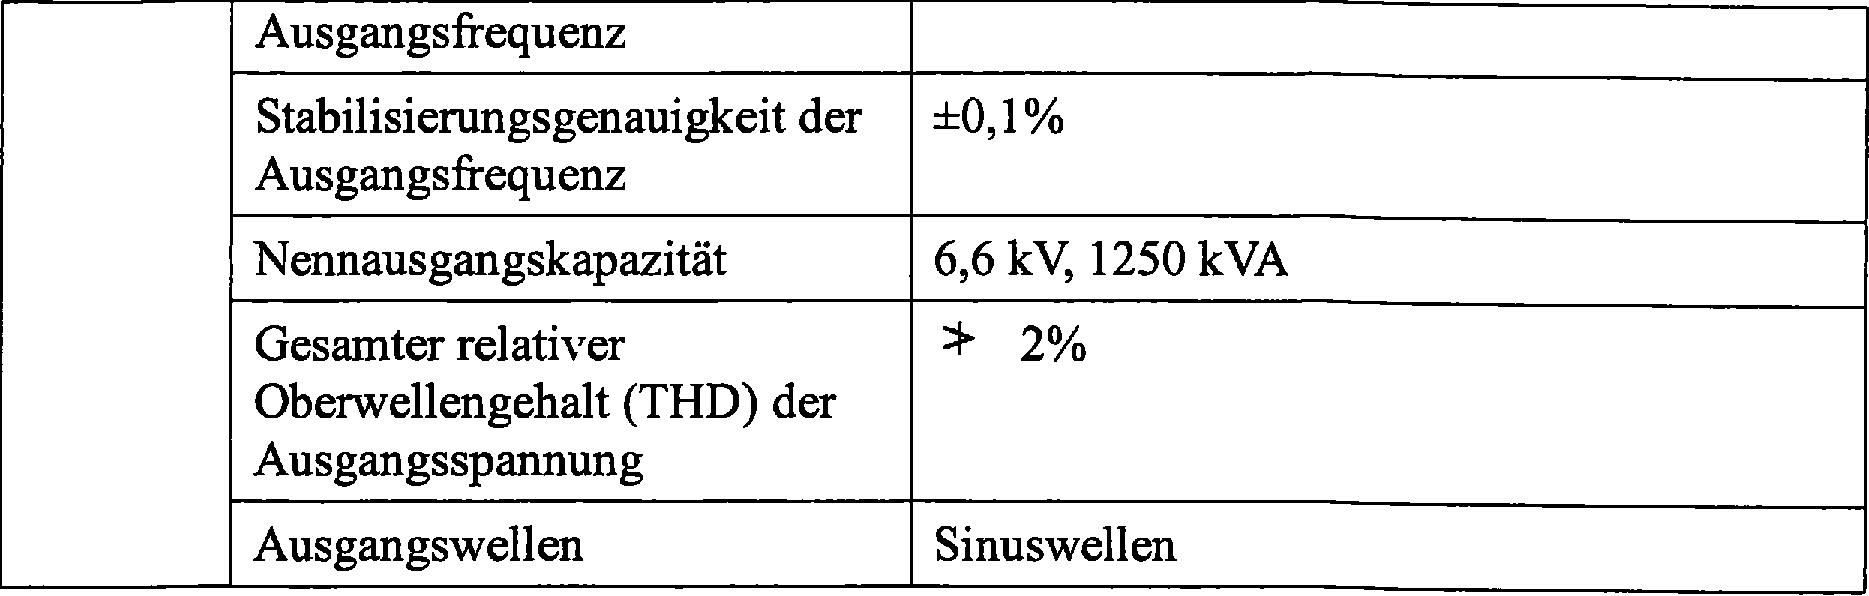 Figure DE202014103274U1_0003